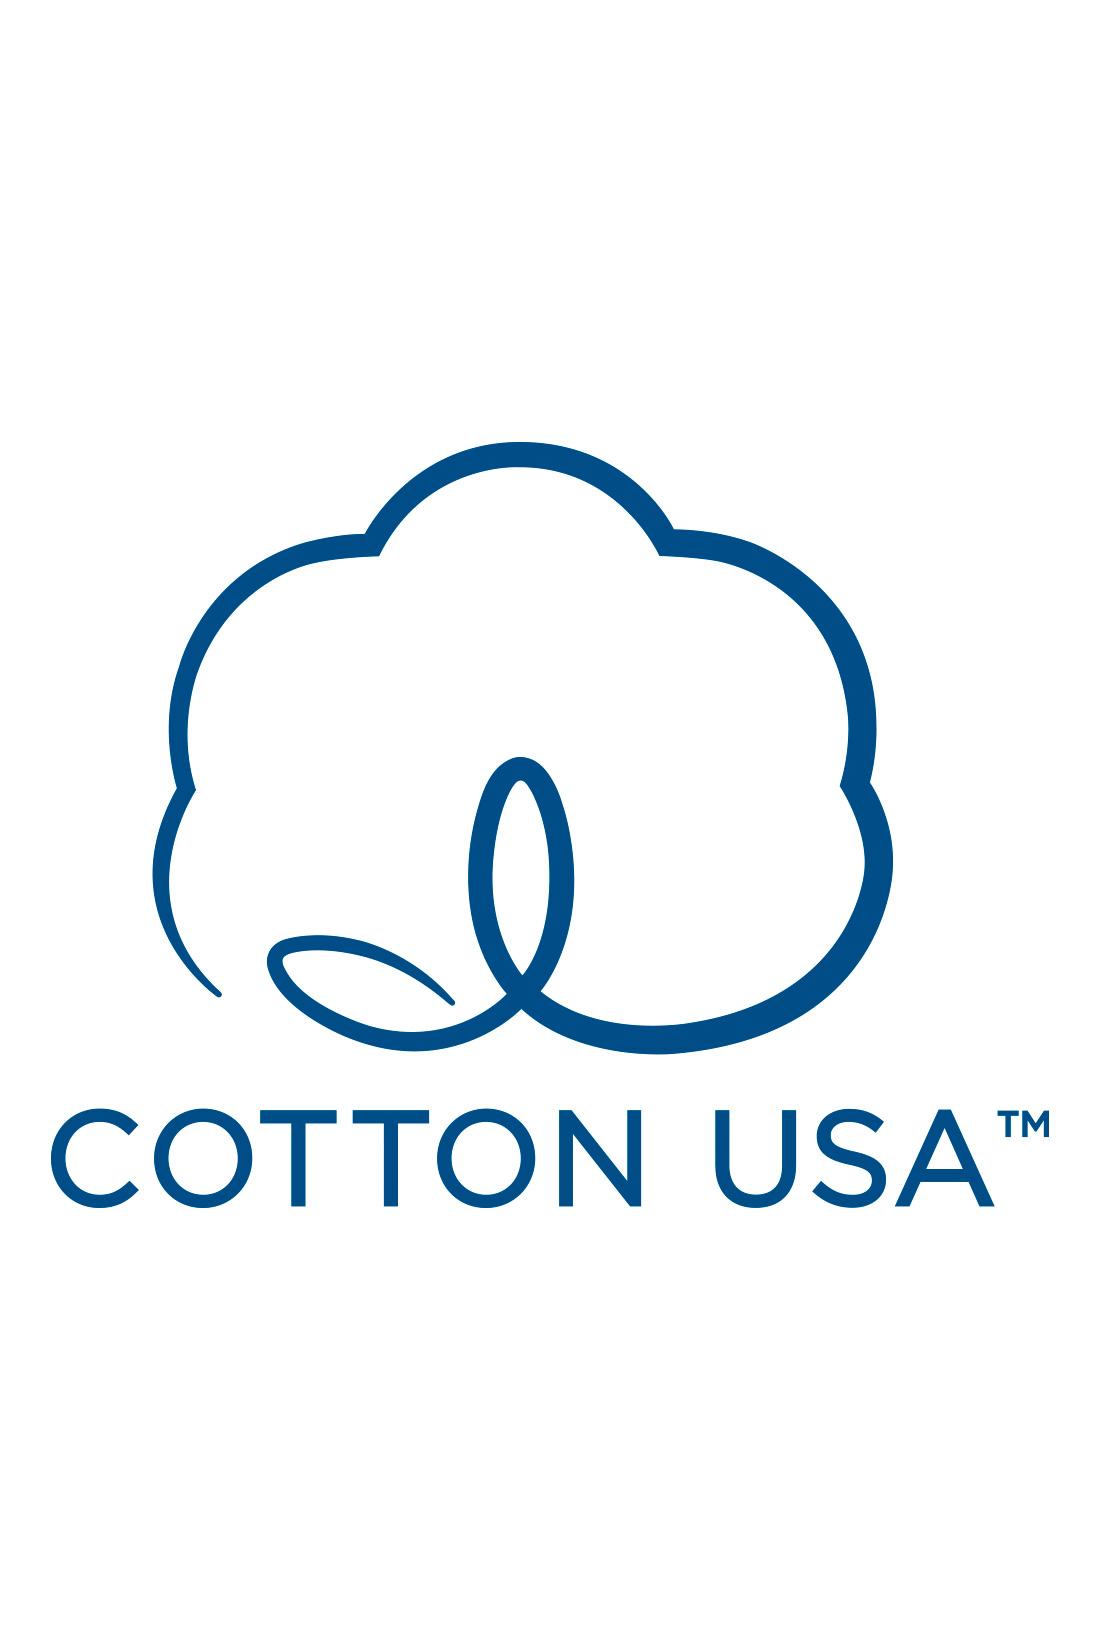 アメリカ綿を使用した優秀な品質の商品にのみ使用を認められた、COTTON USAのマーク付き。